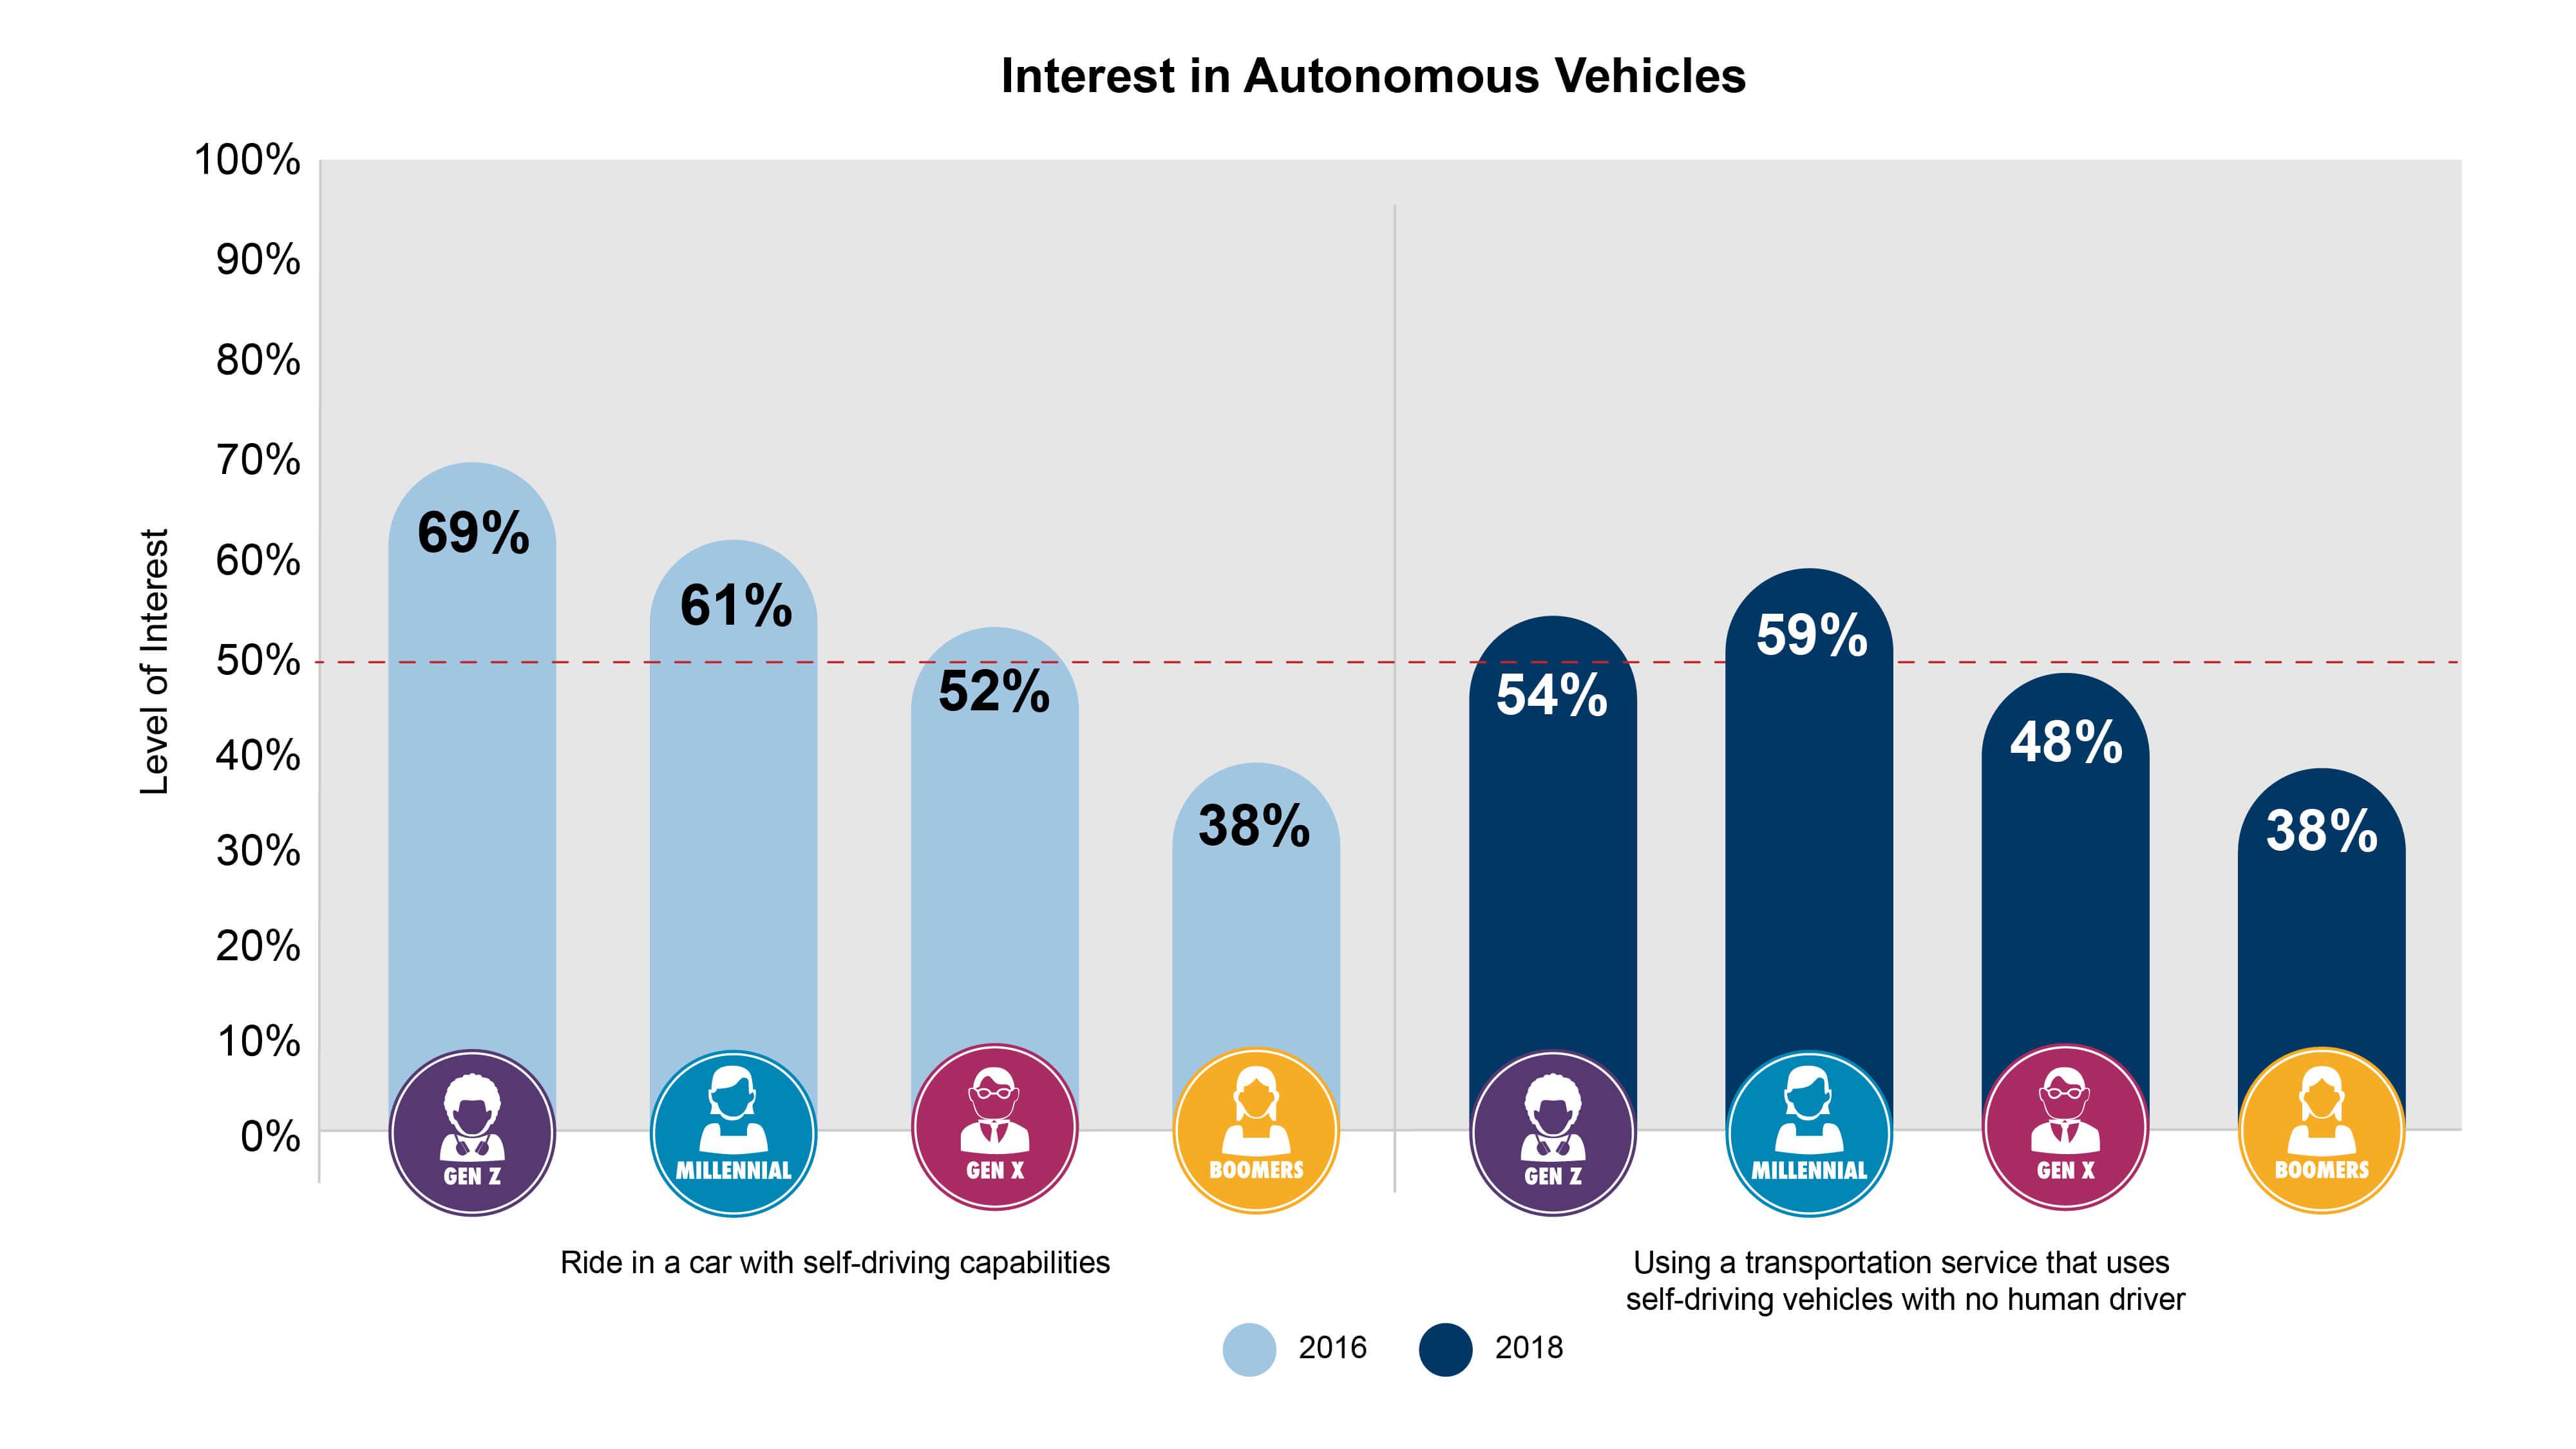 Consumer interest in autonomous vehicles